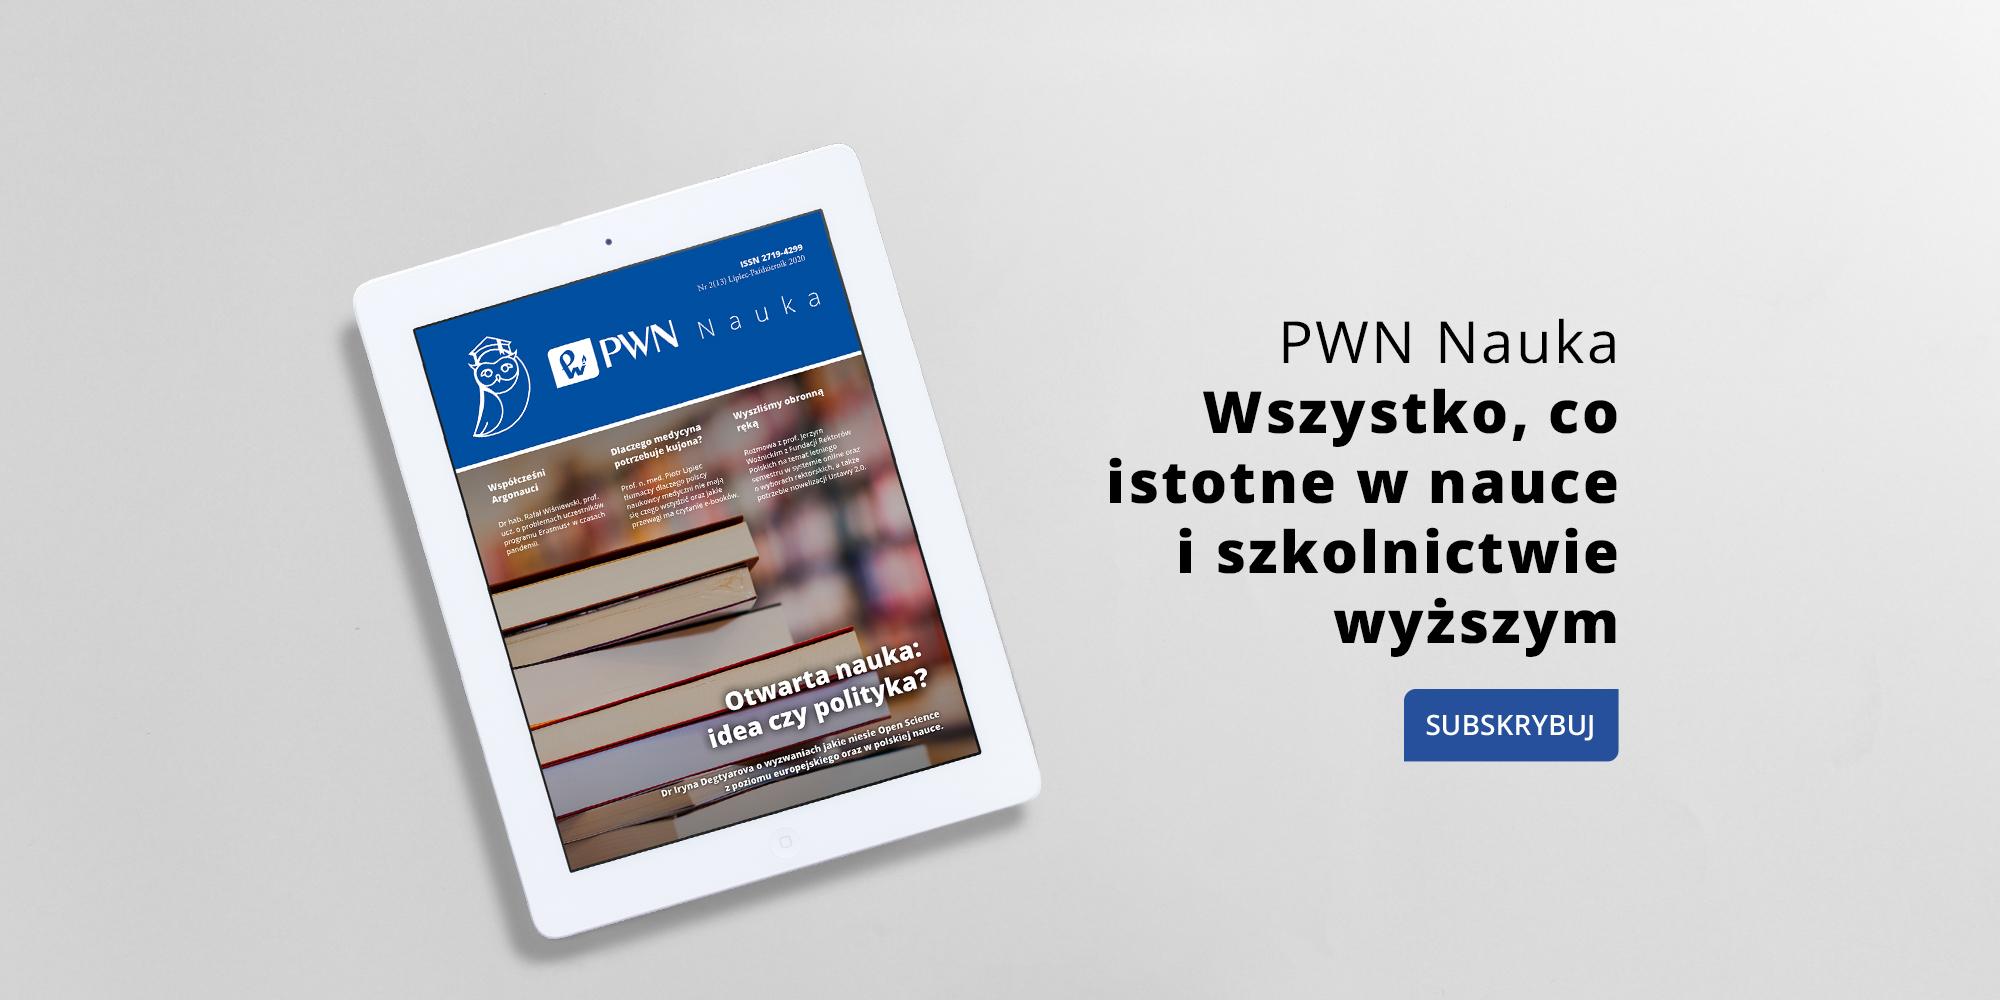 Nowy numer nowego e-czasopisma PWN Nauka skierowany do naukowców, dydaktyków i doktorantów